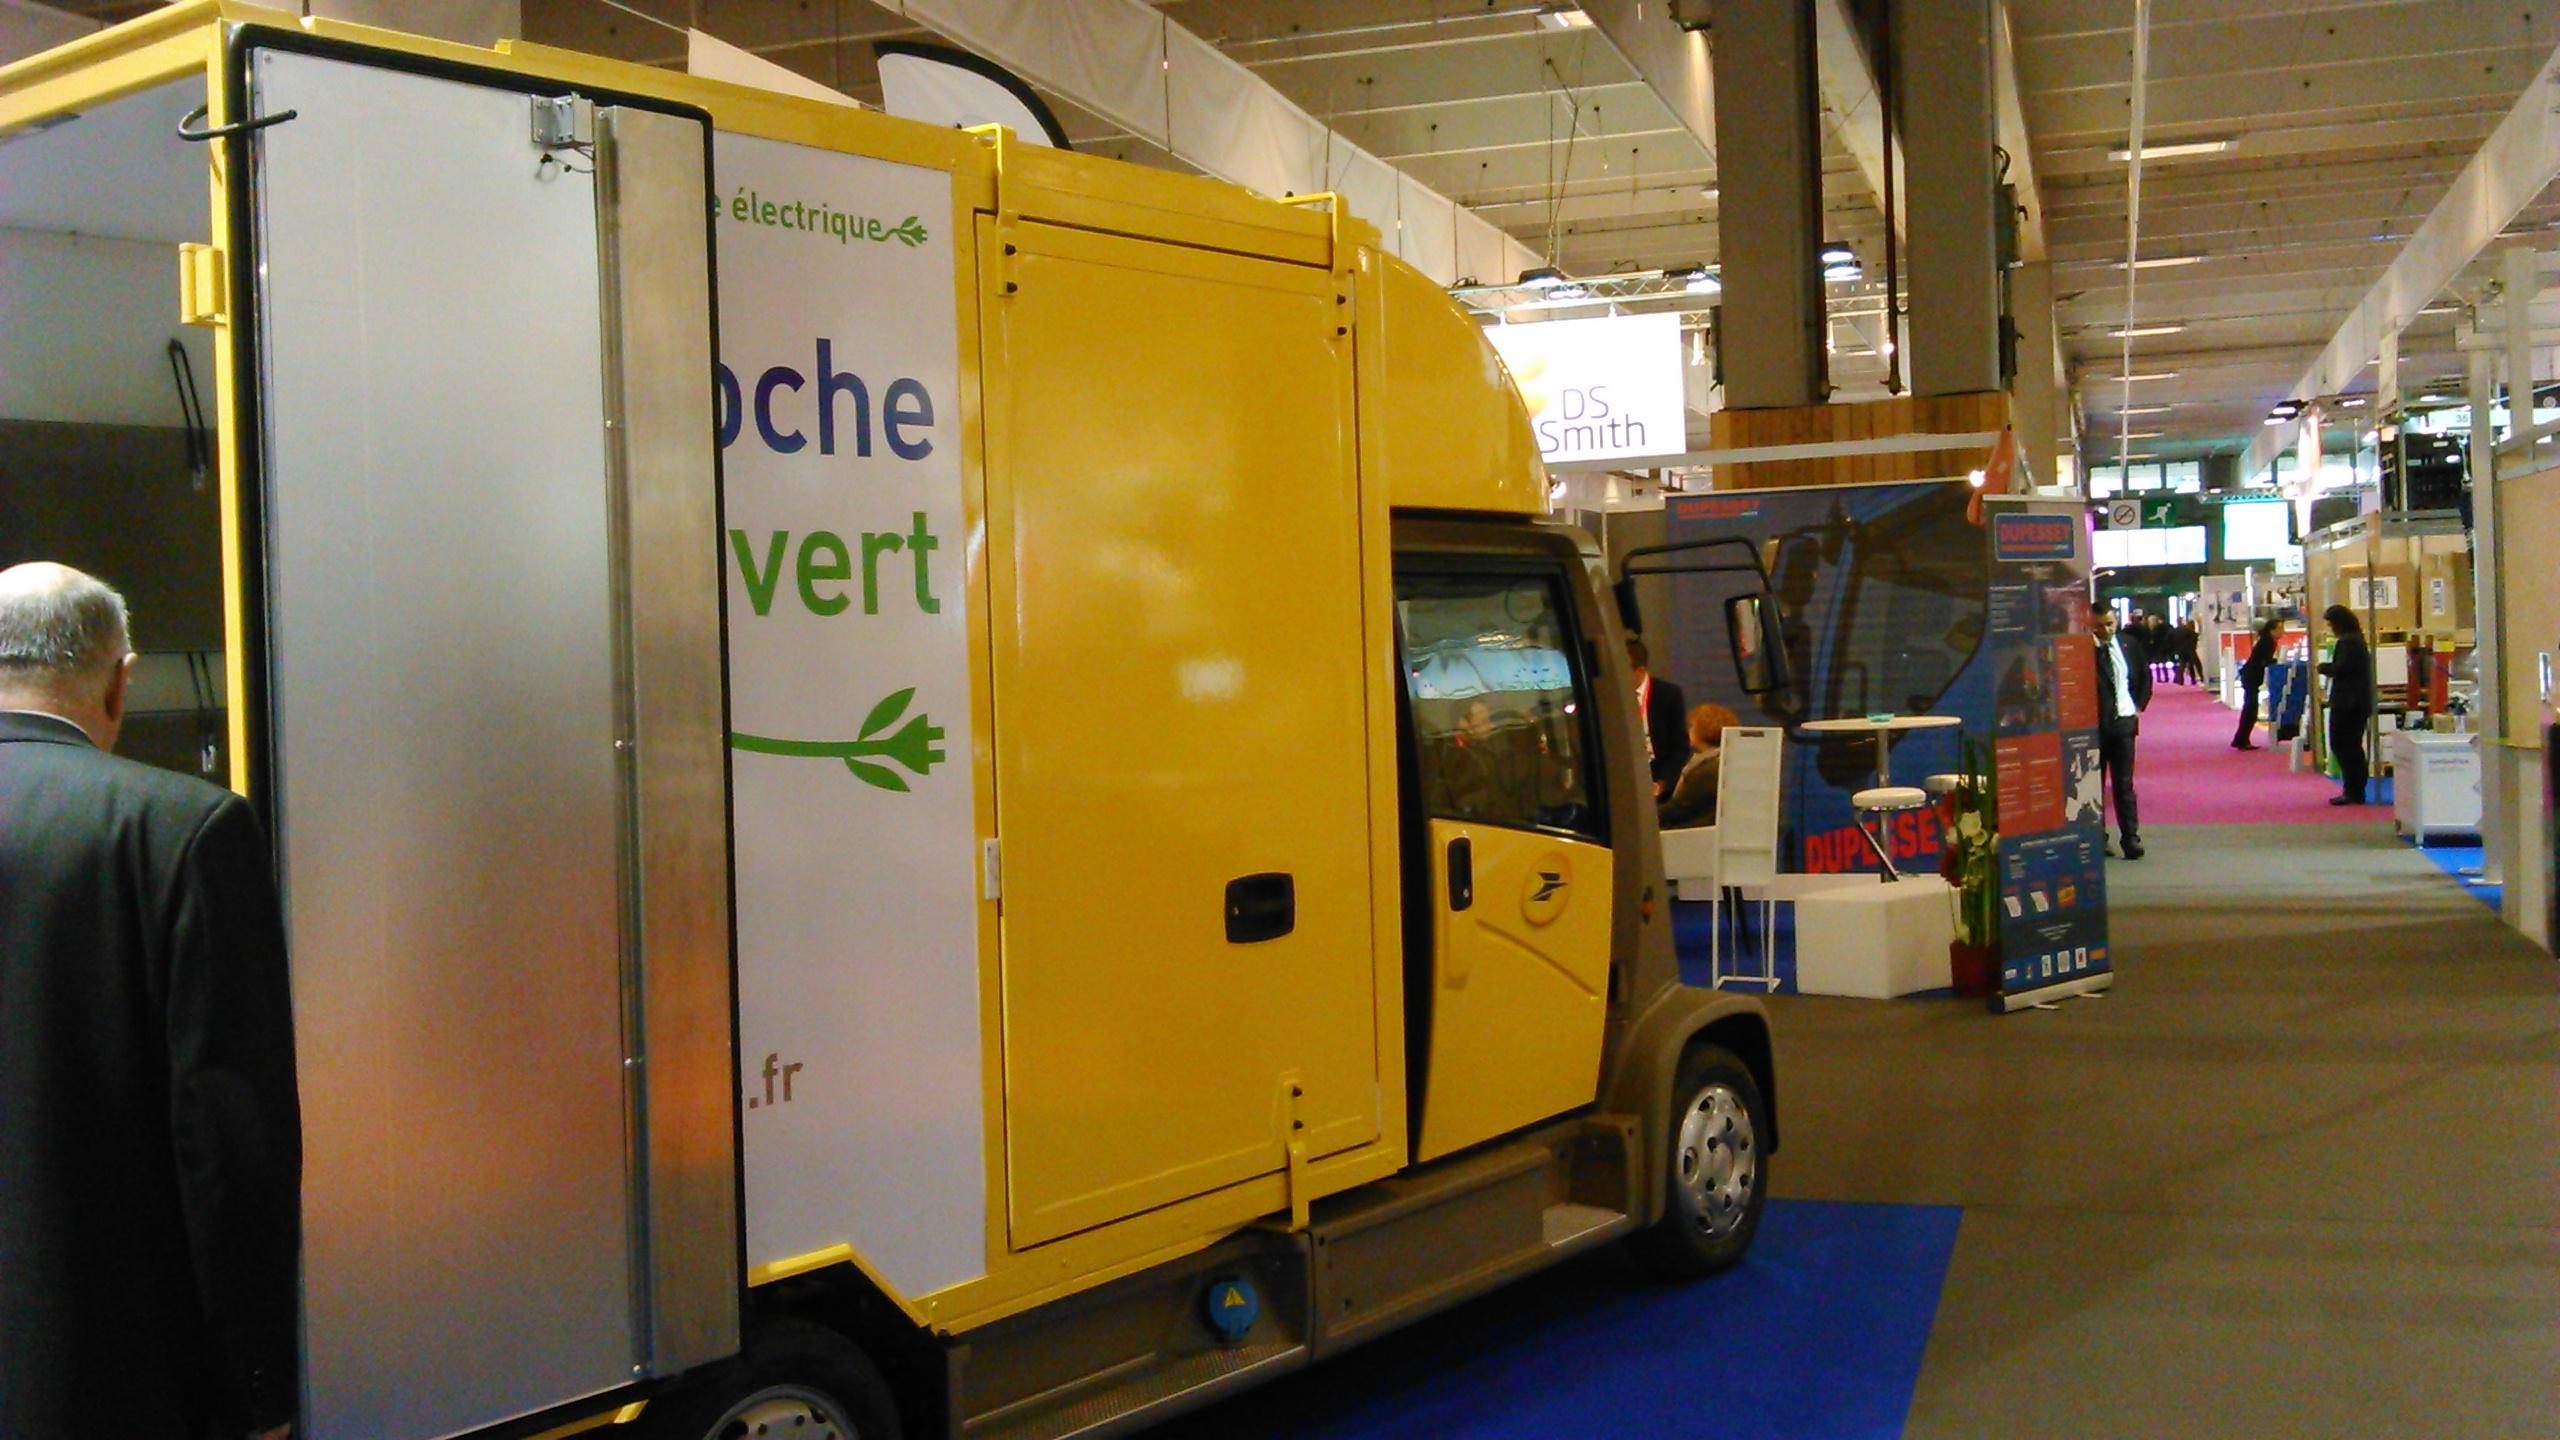 Véhicule Mooville présenté à la SITL 2015